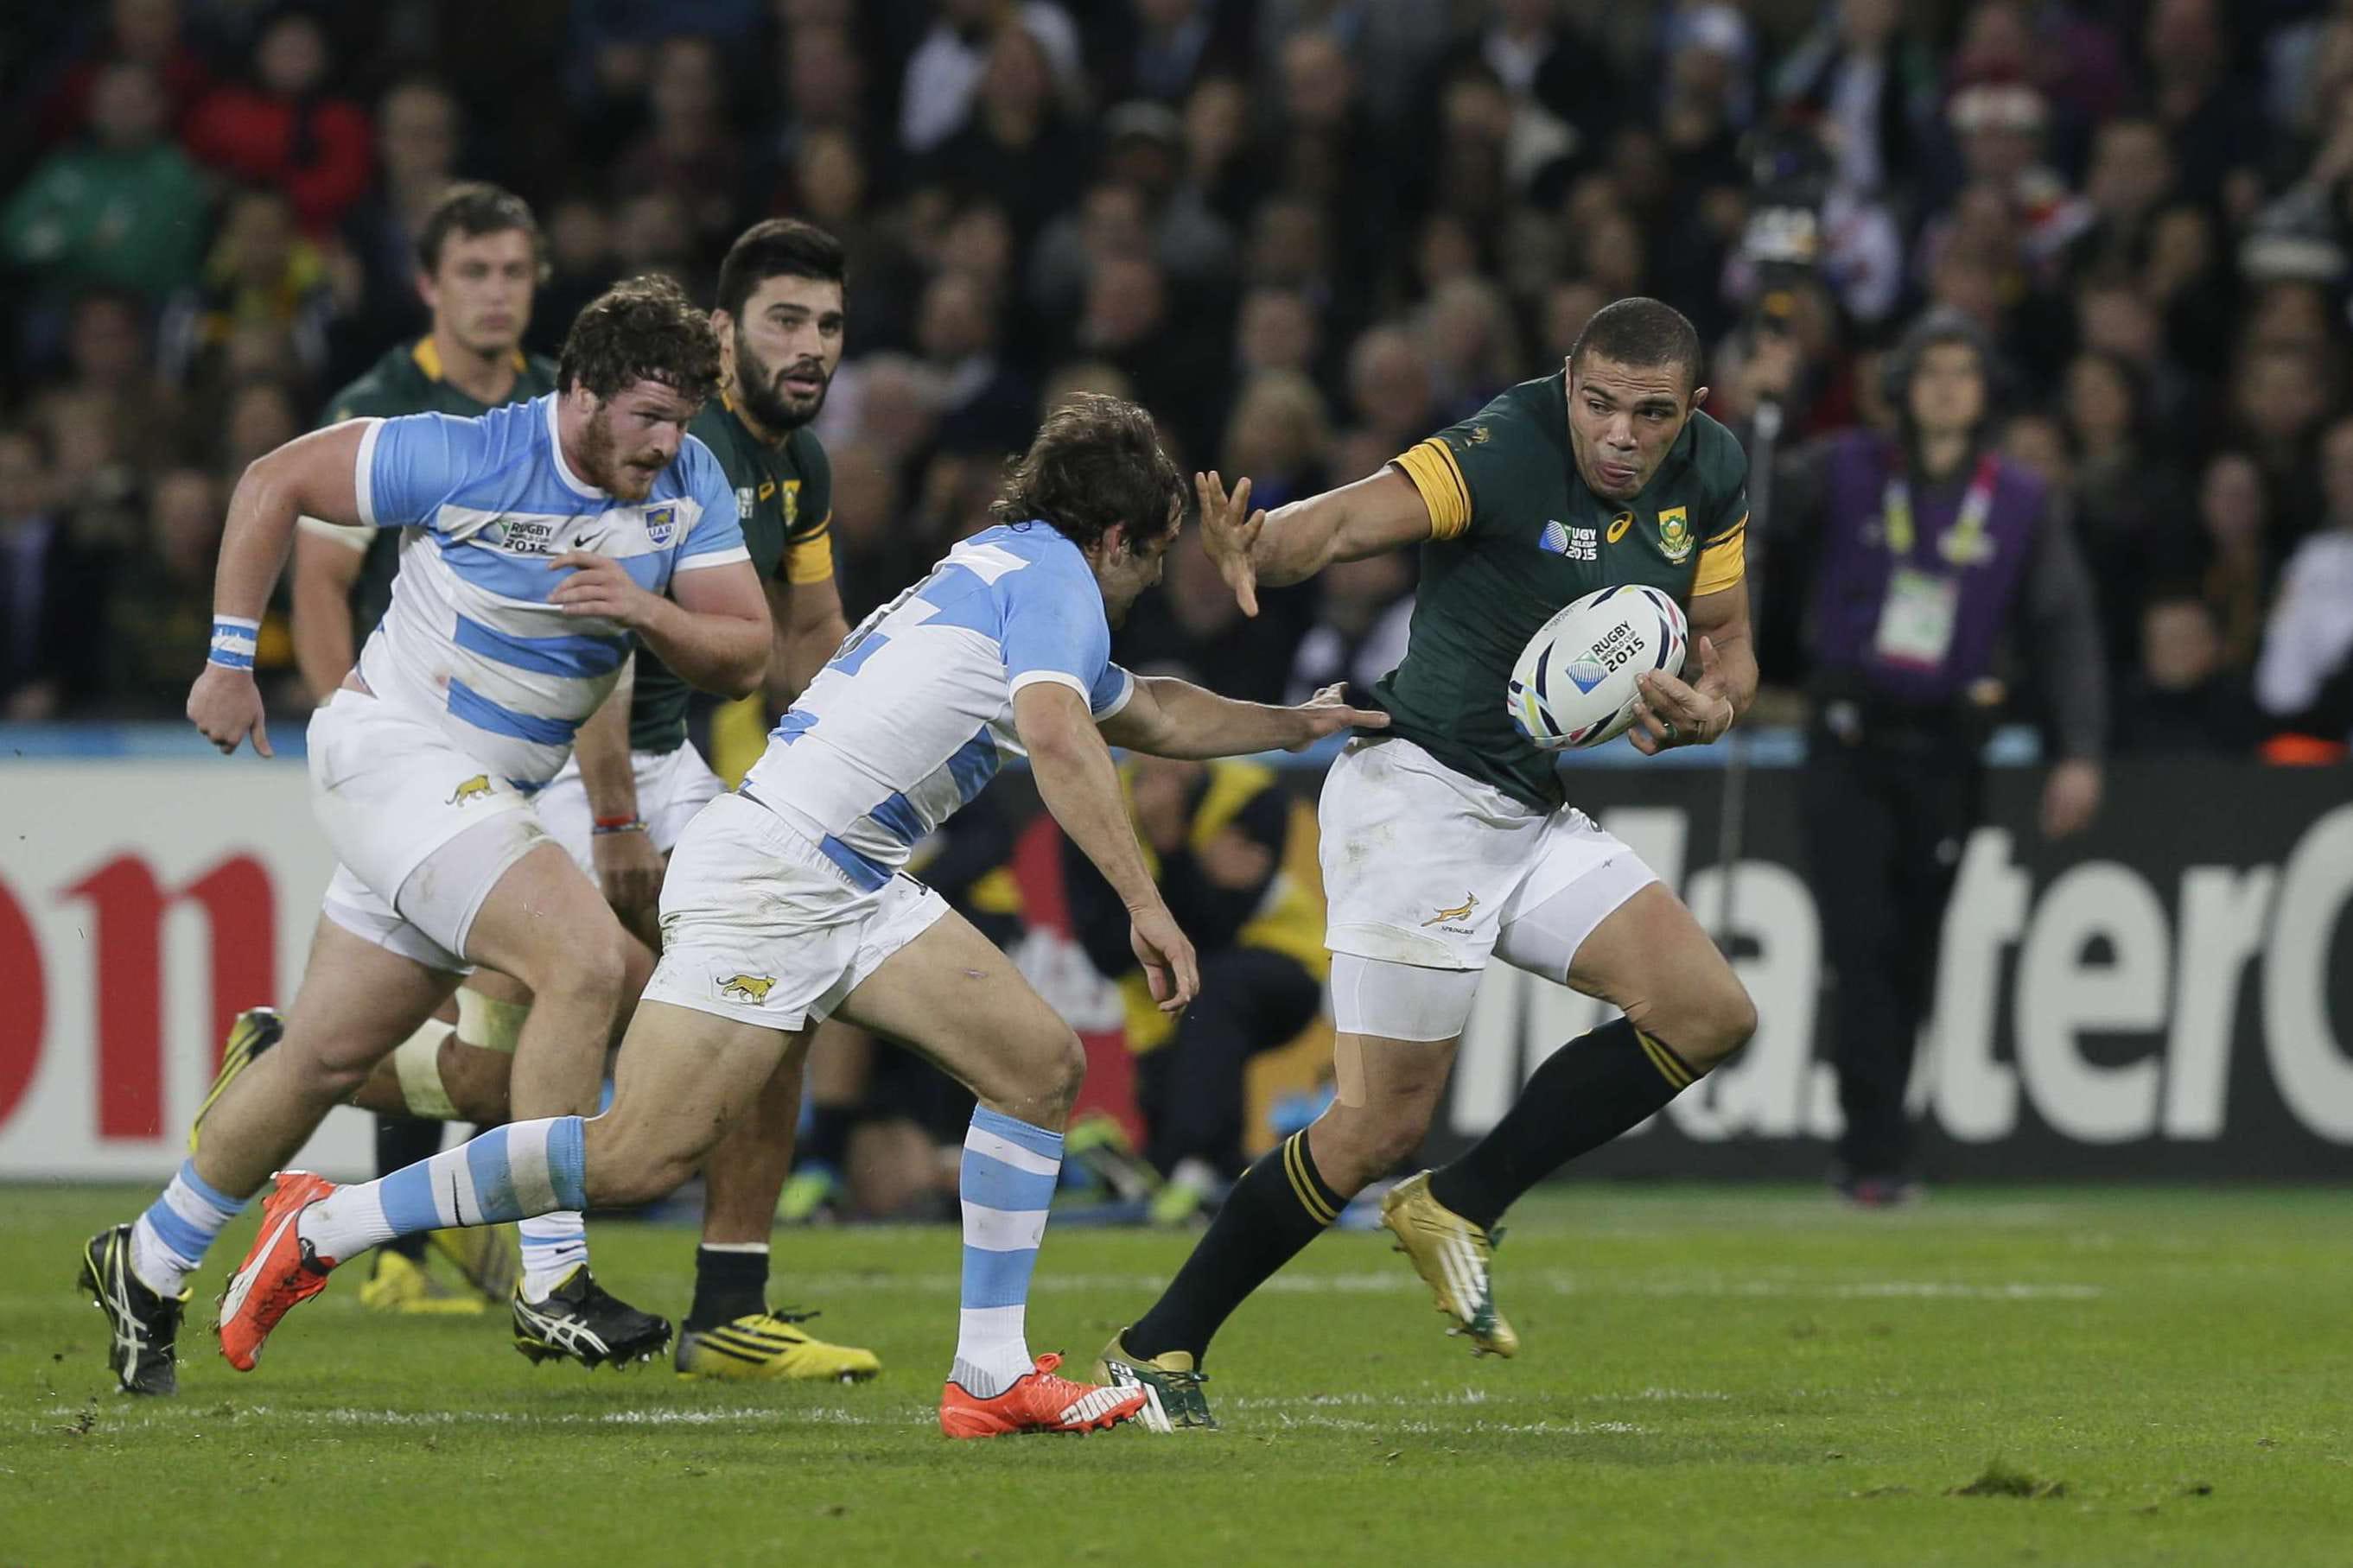 Coupe du monde de rugby 2015 l 39 afrique du sud remporte - Calendrier de la coupe de france 2015 ...